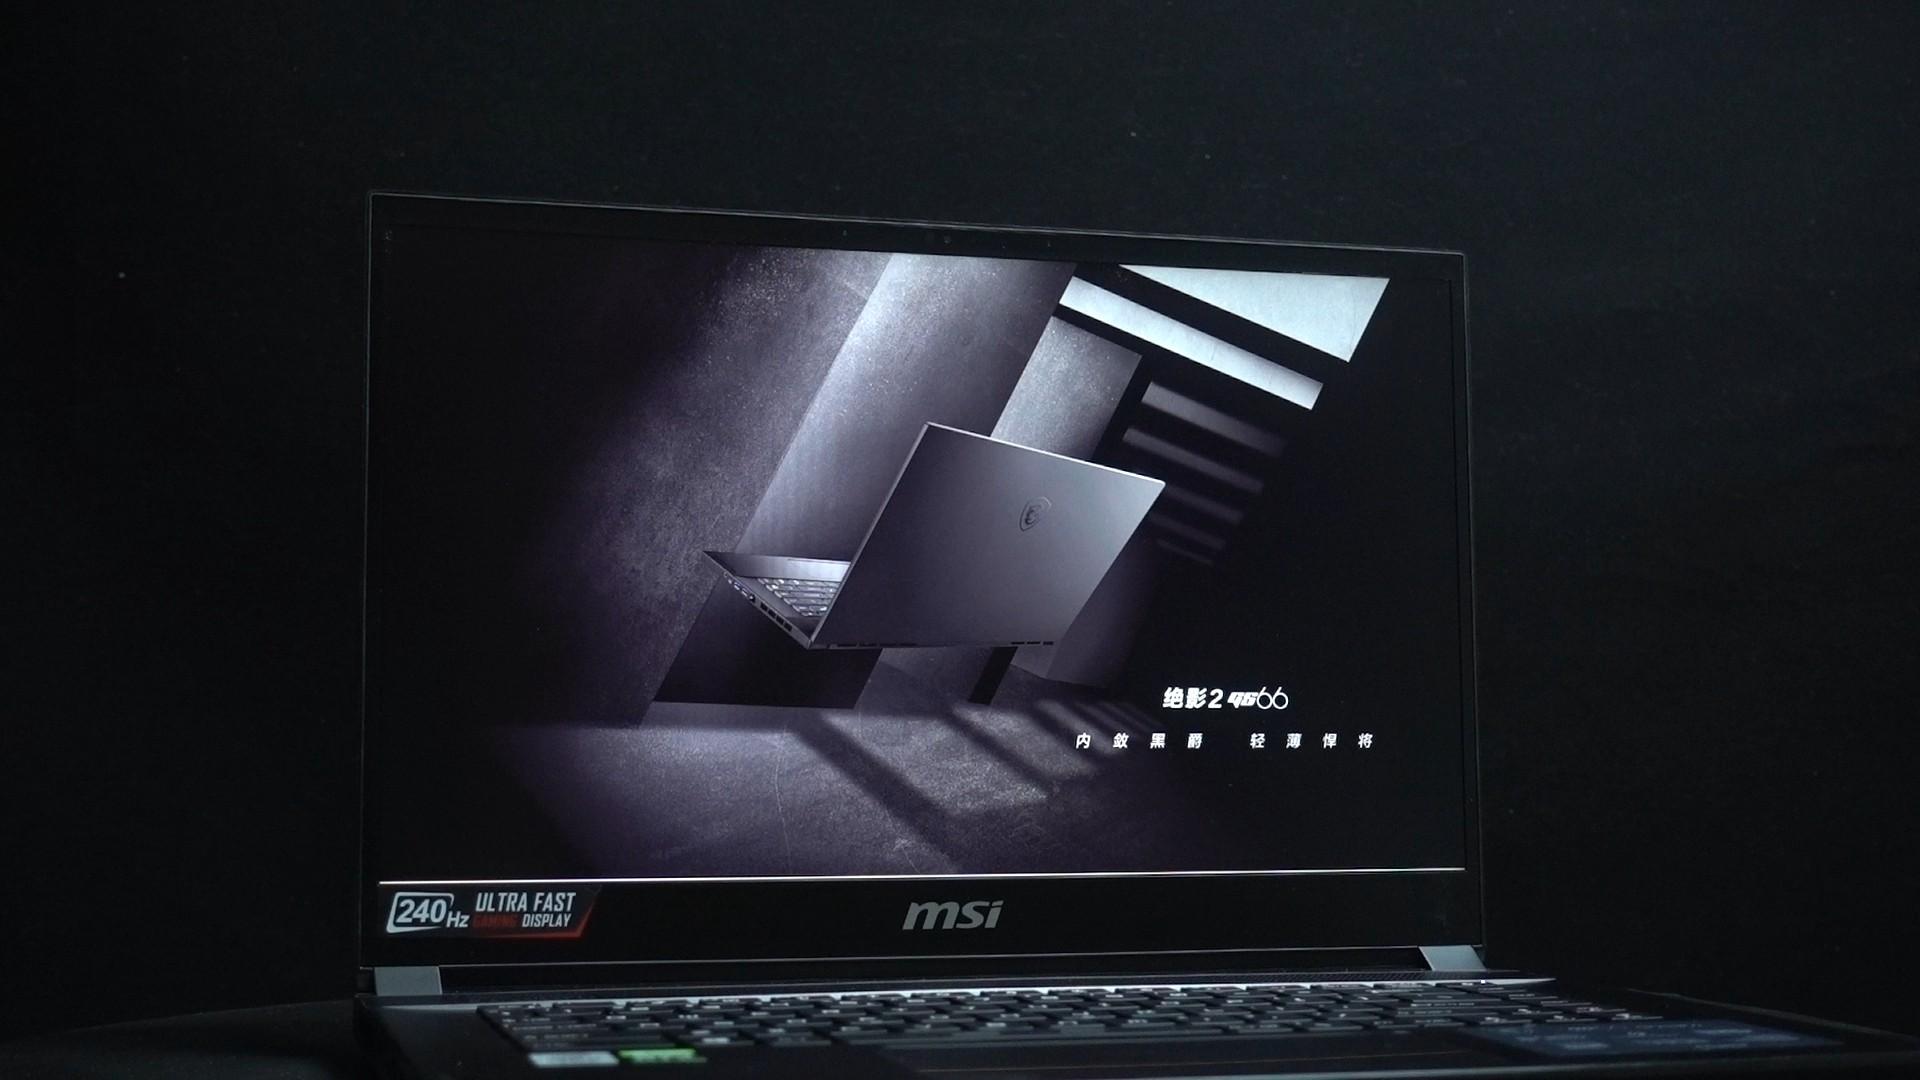 588电竟 性能轻薄颜值三位一体 视频解析微星GS66游戏笔记本